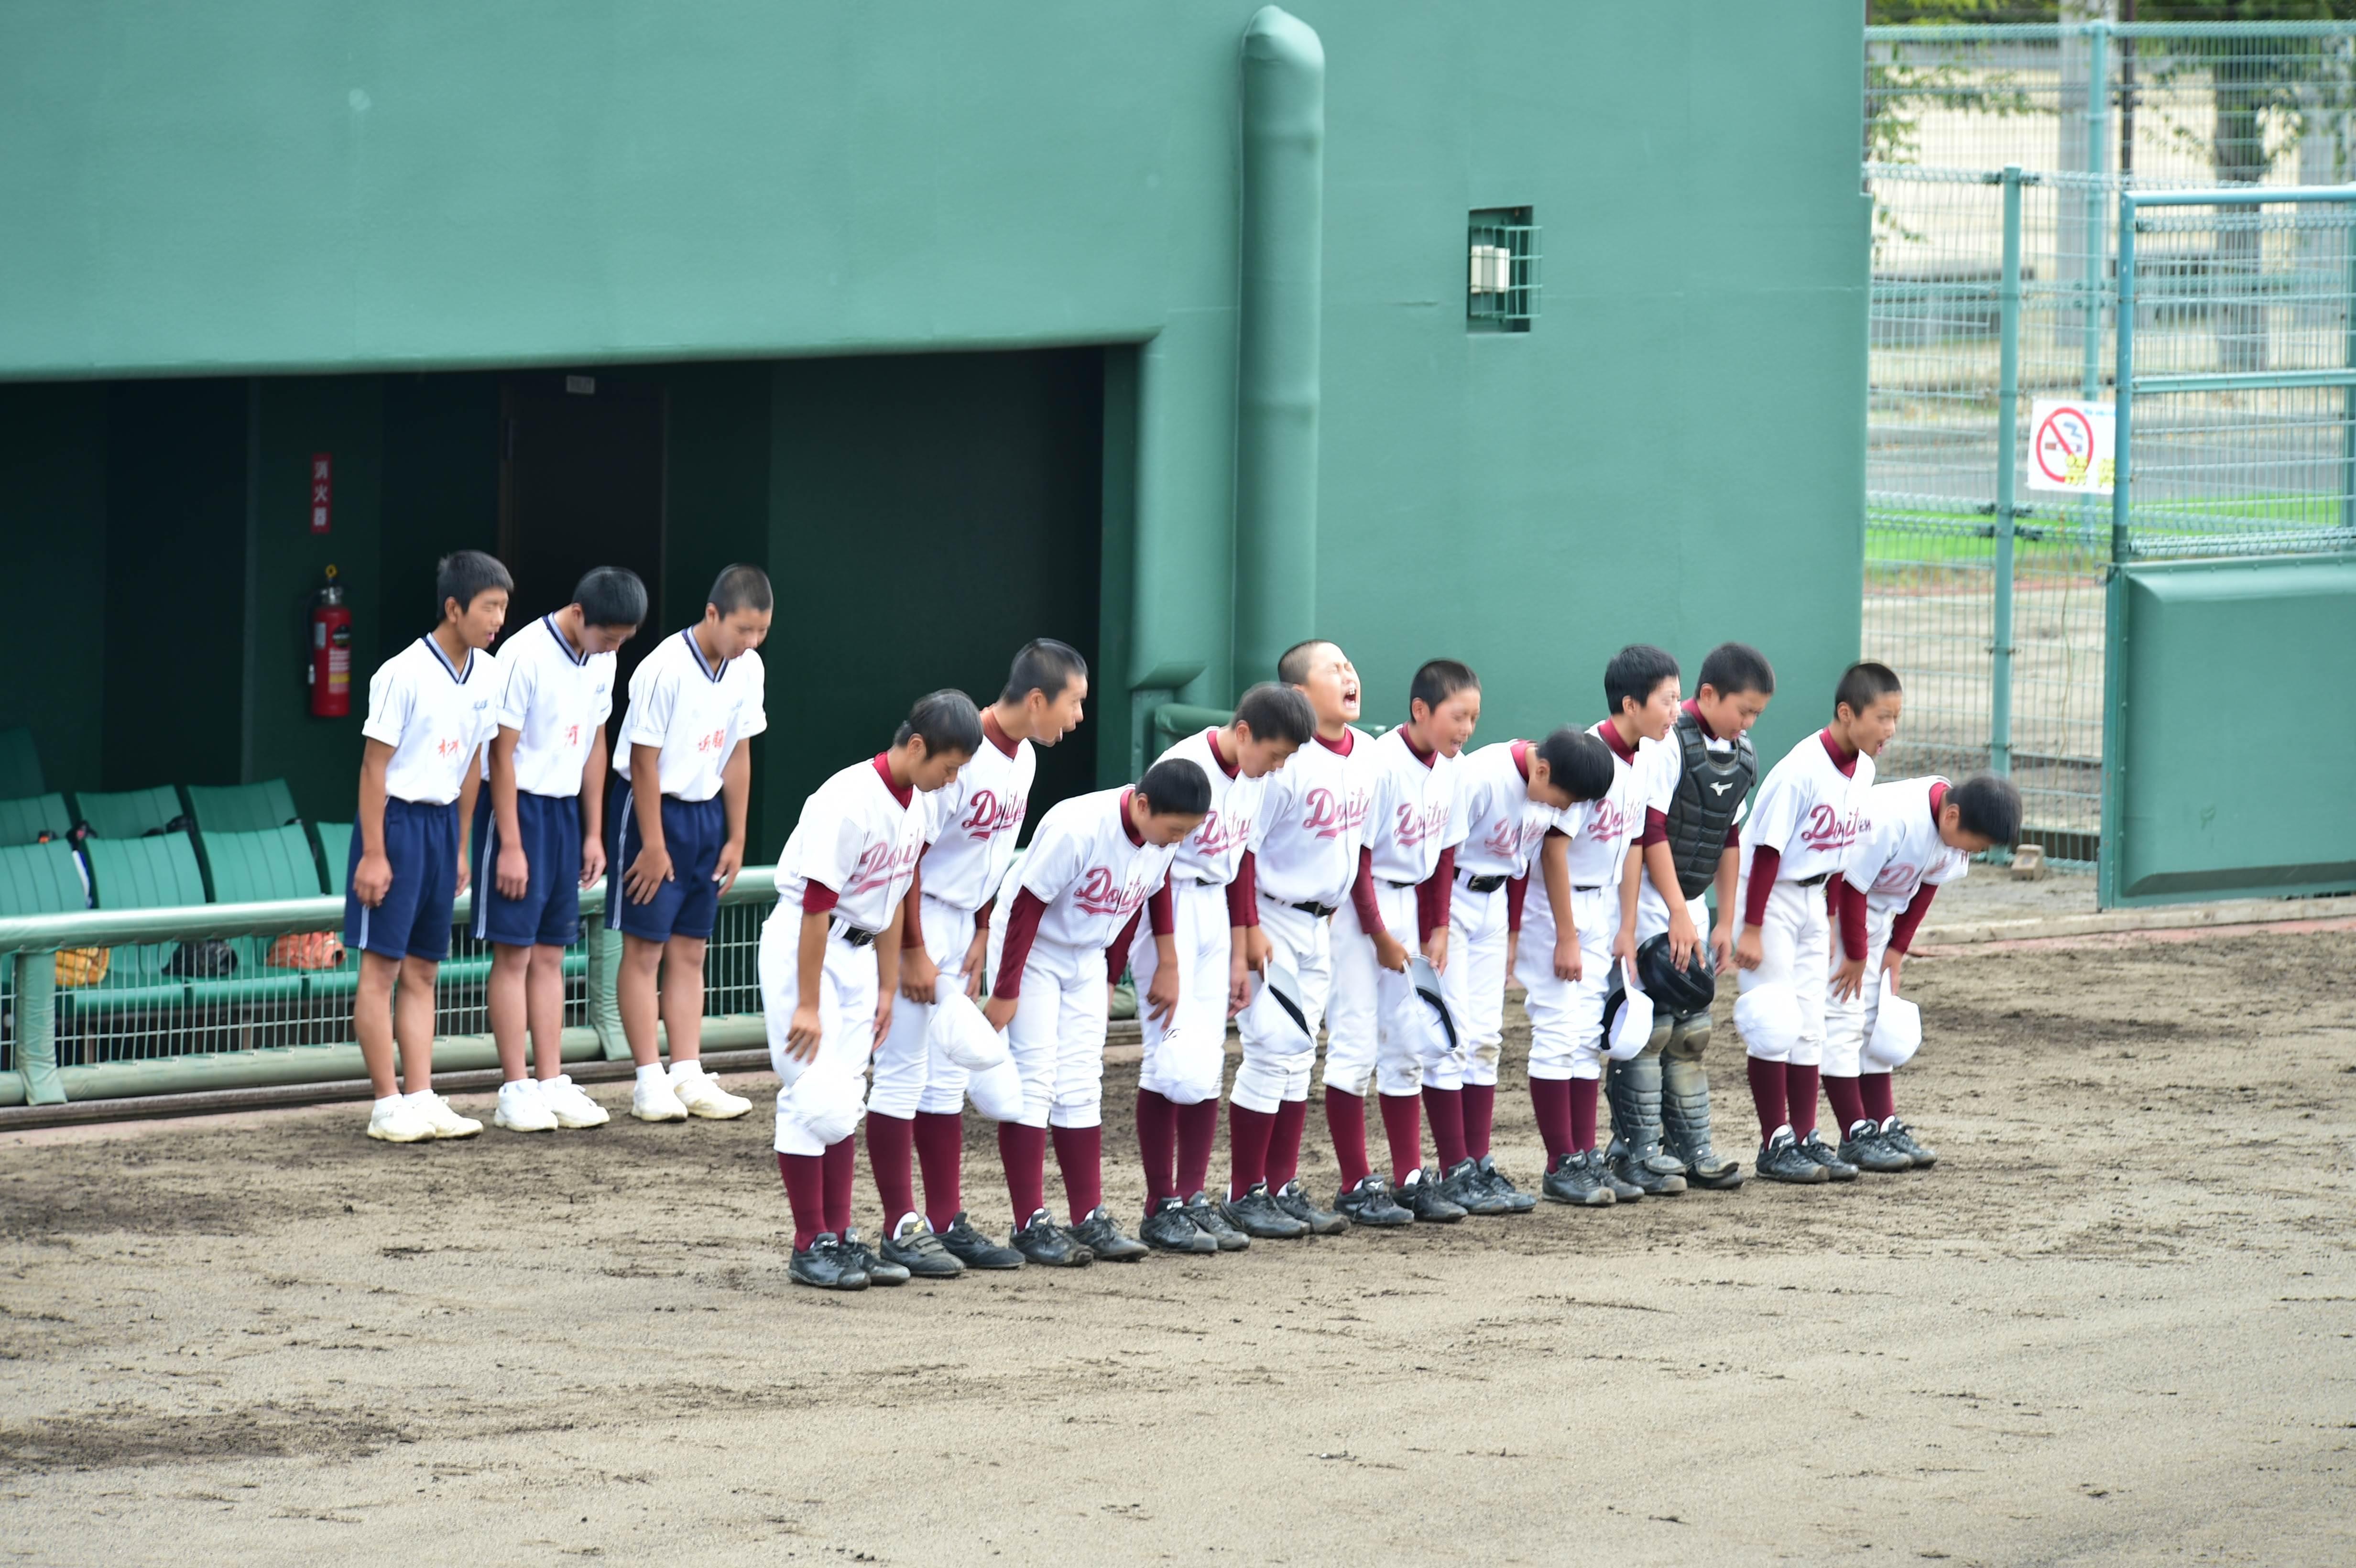 軟式野球 (10)